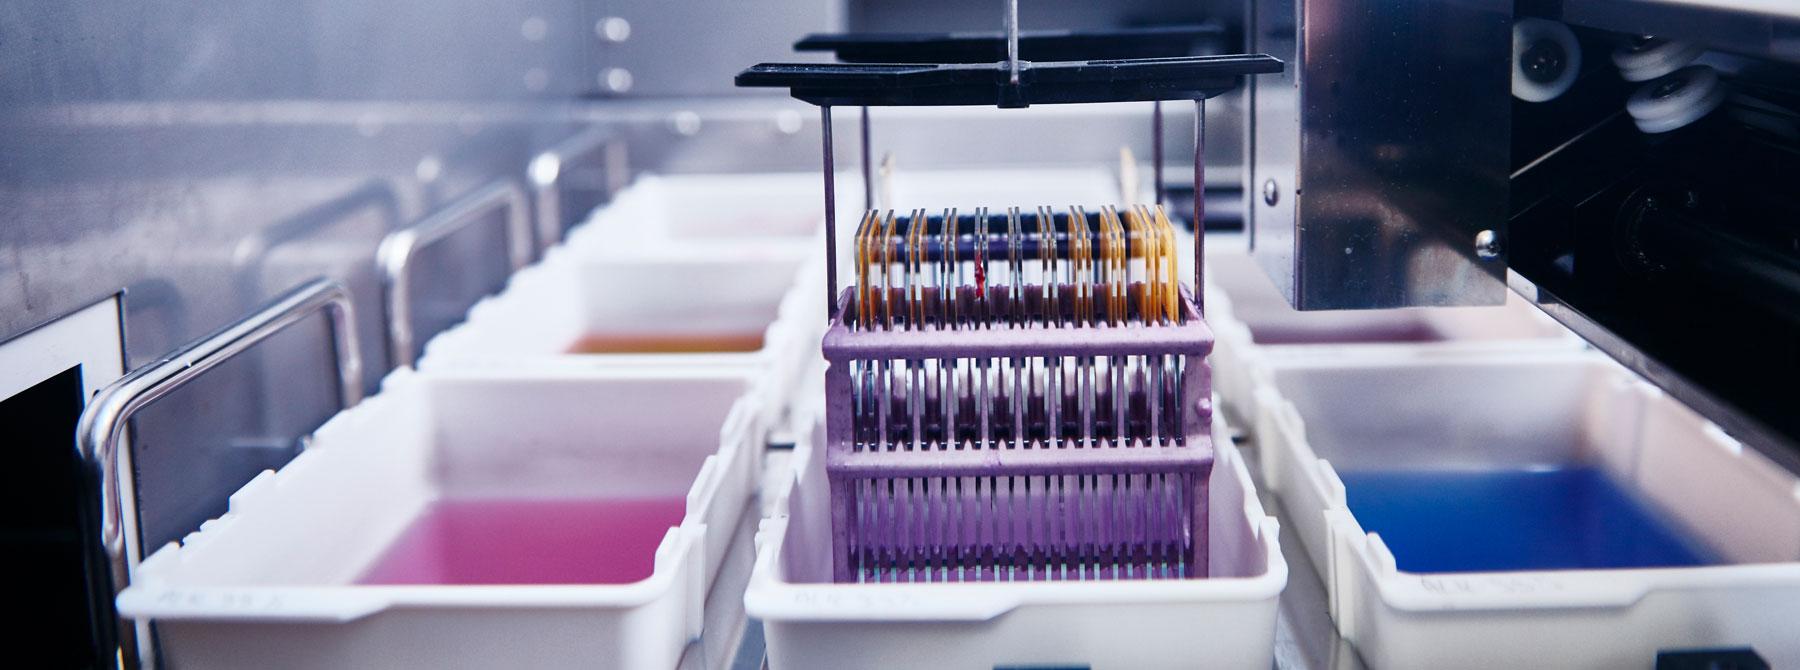 Objektträger werden in einem Färbeautomat in die Farblösung getaucht